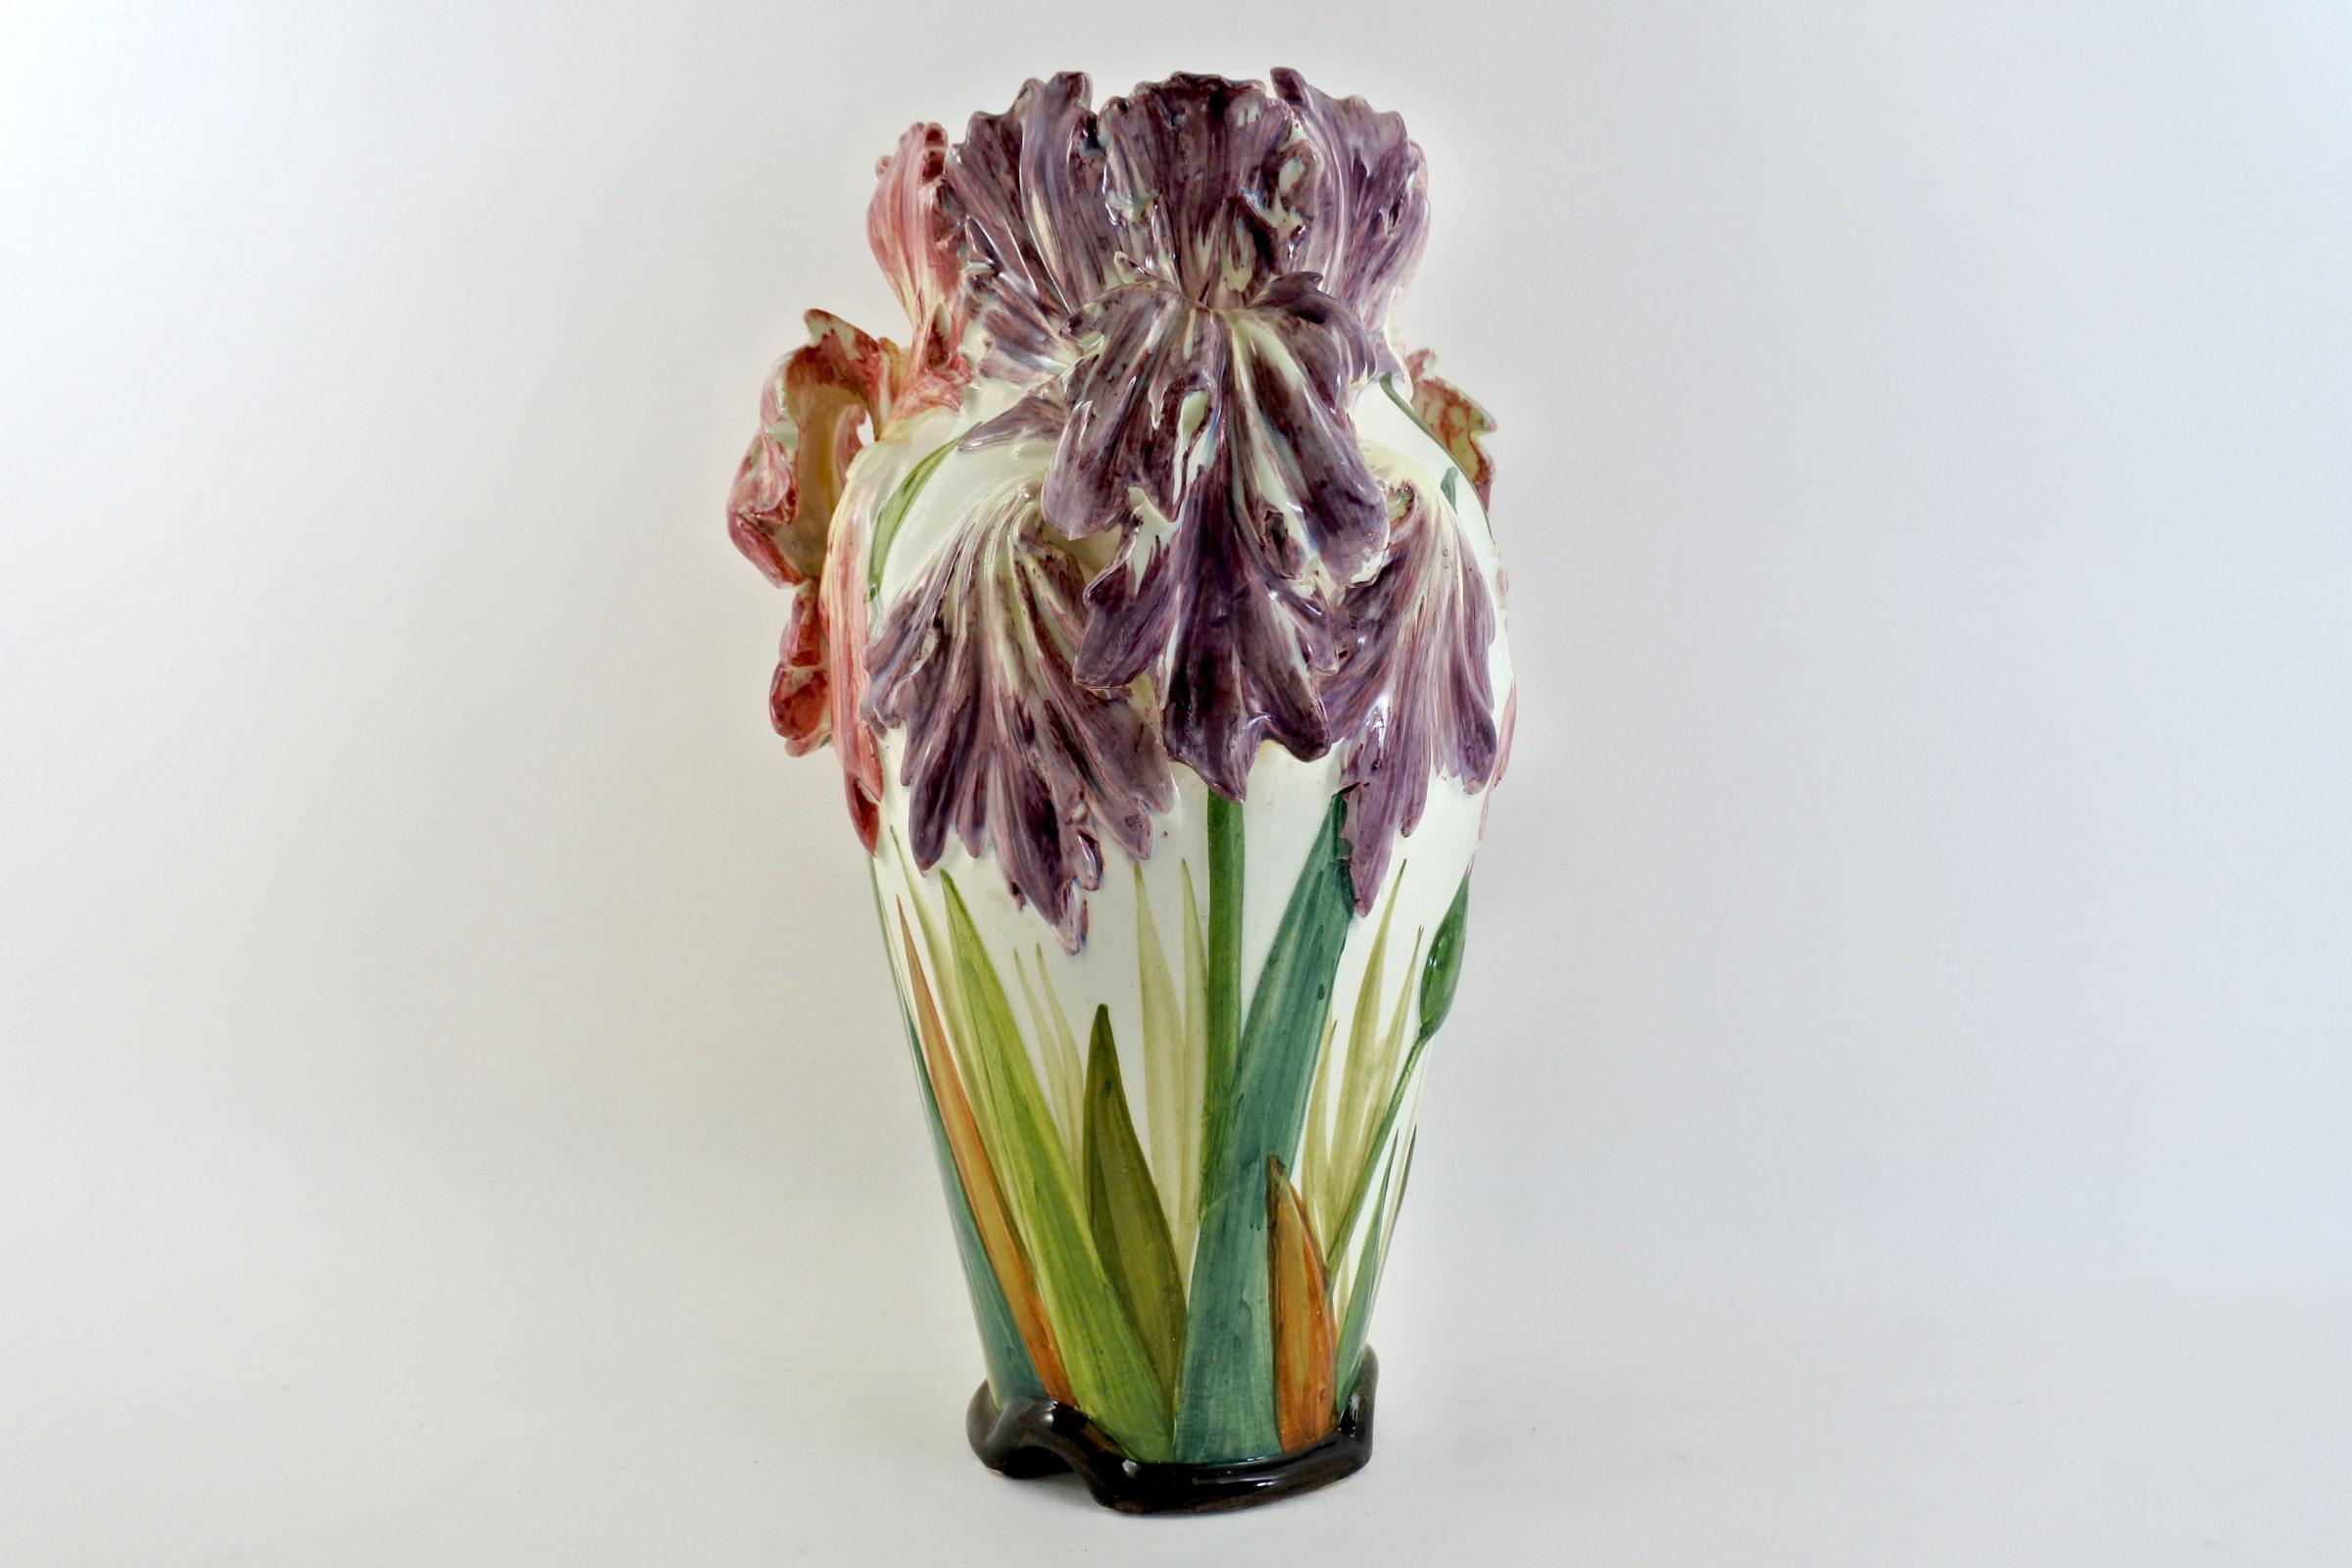 Vaso Massier in ceramica barbotine con tulipani pappagallo - Tulipes perroquet - 2